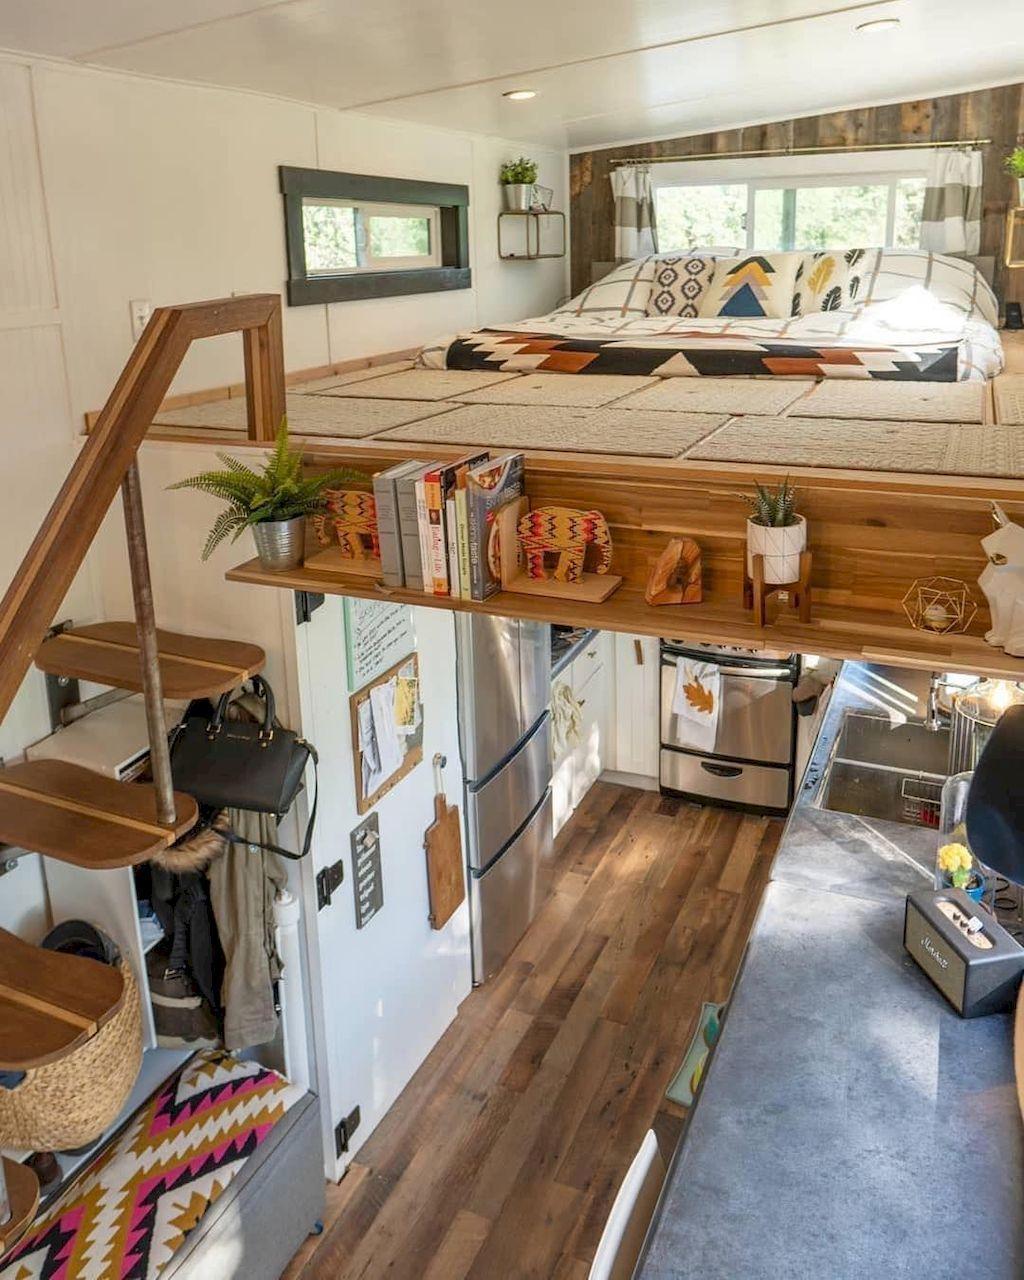 70 Clever Tiny House Interior Design Ideas – pickndecor.com/furniture